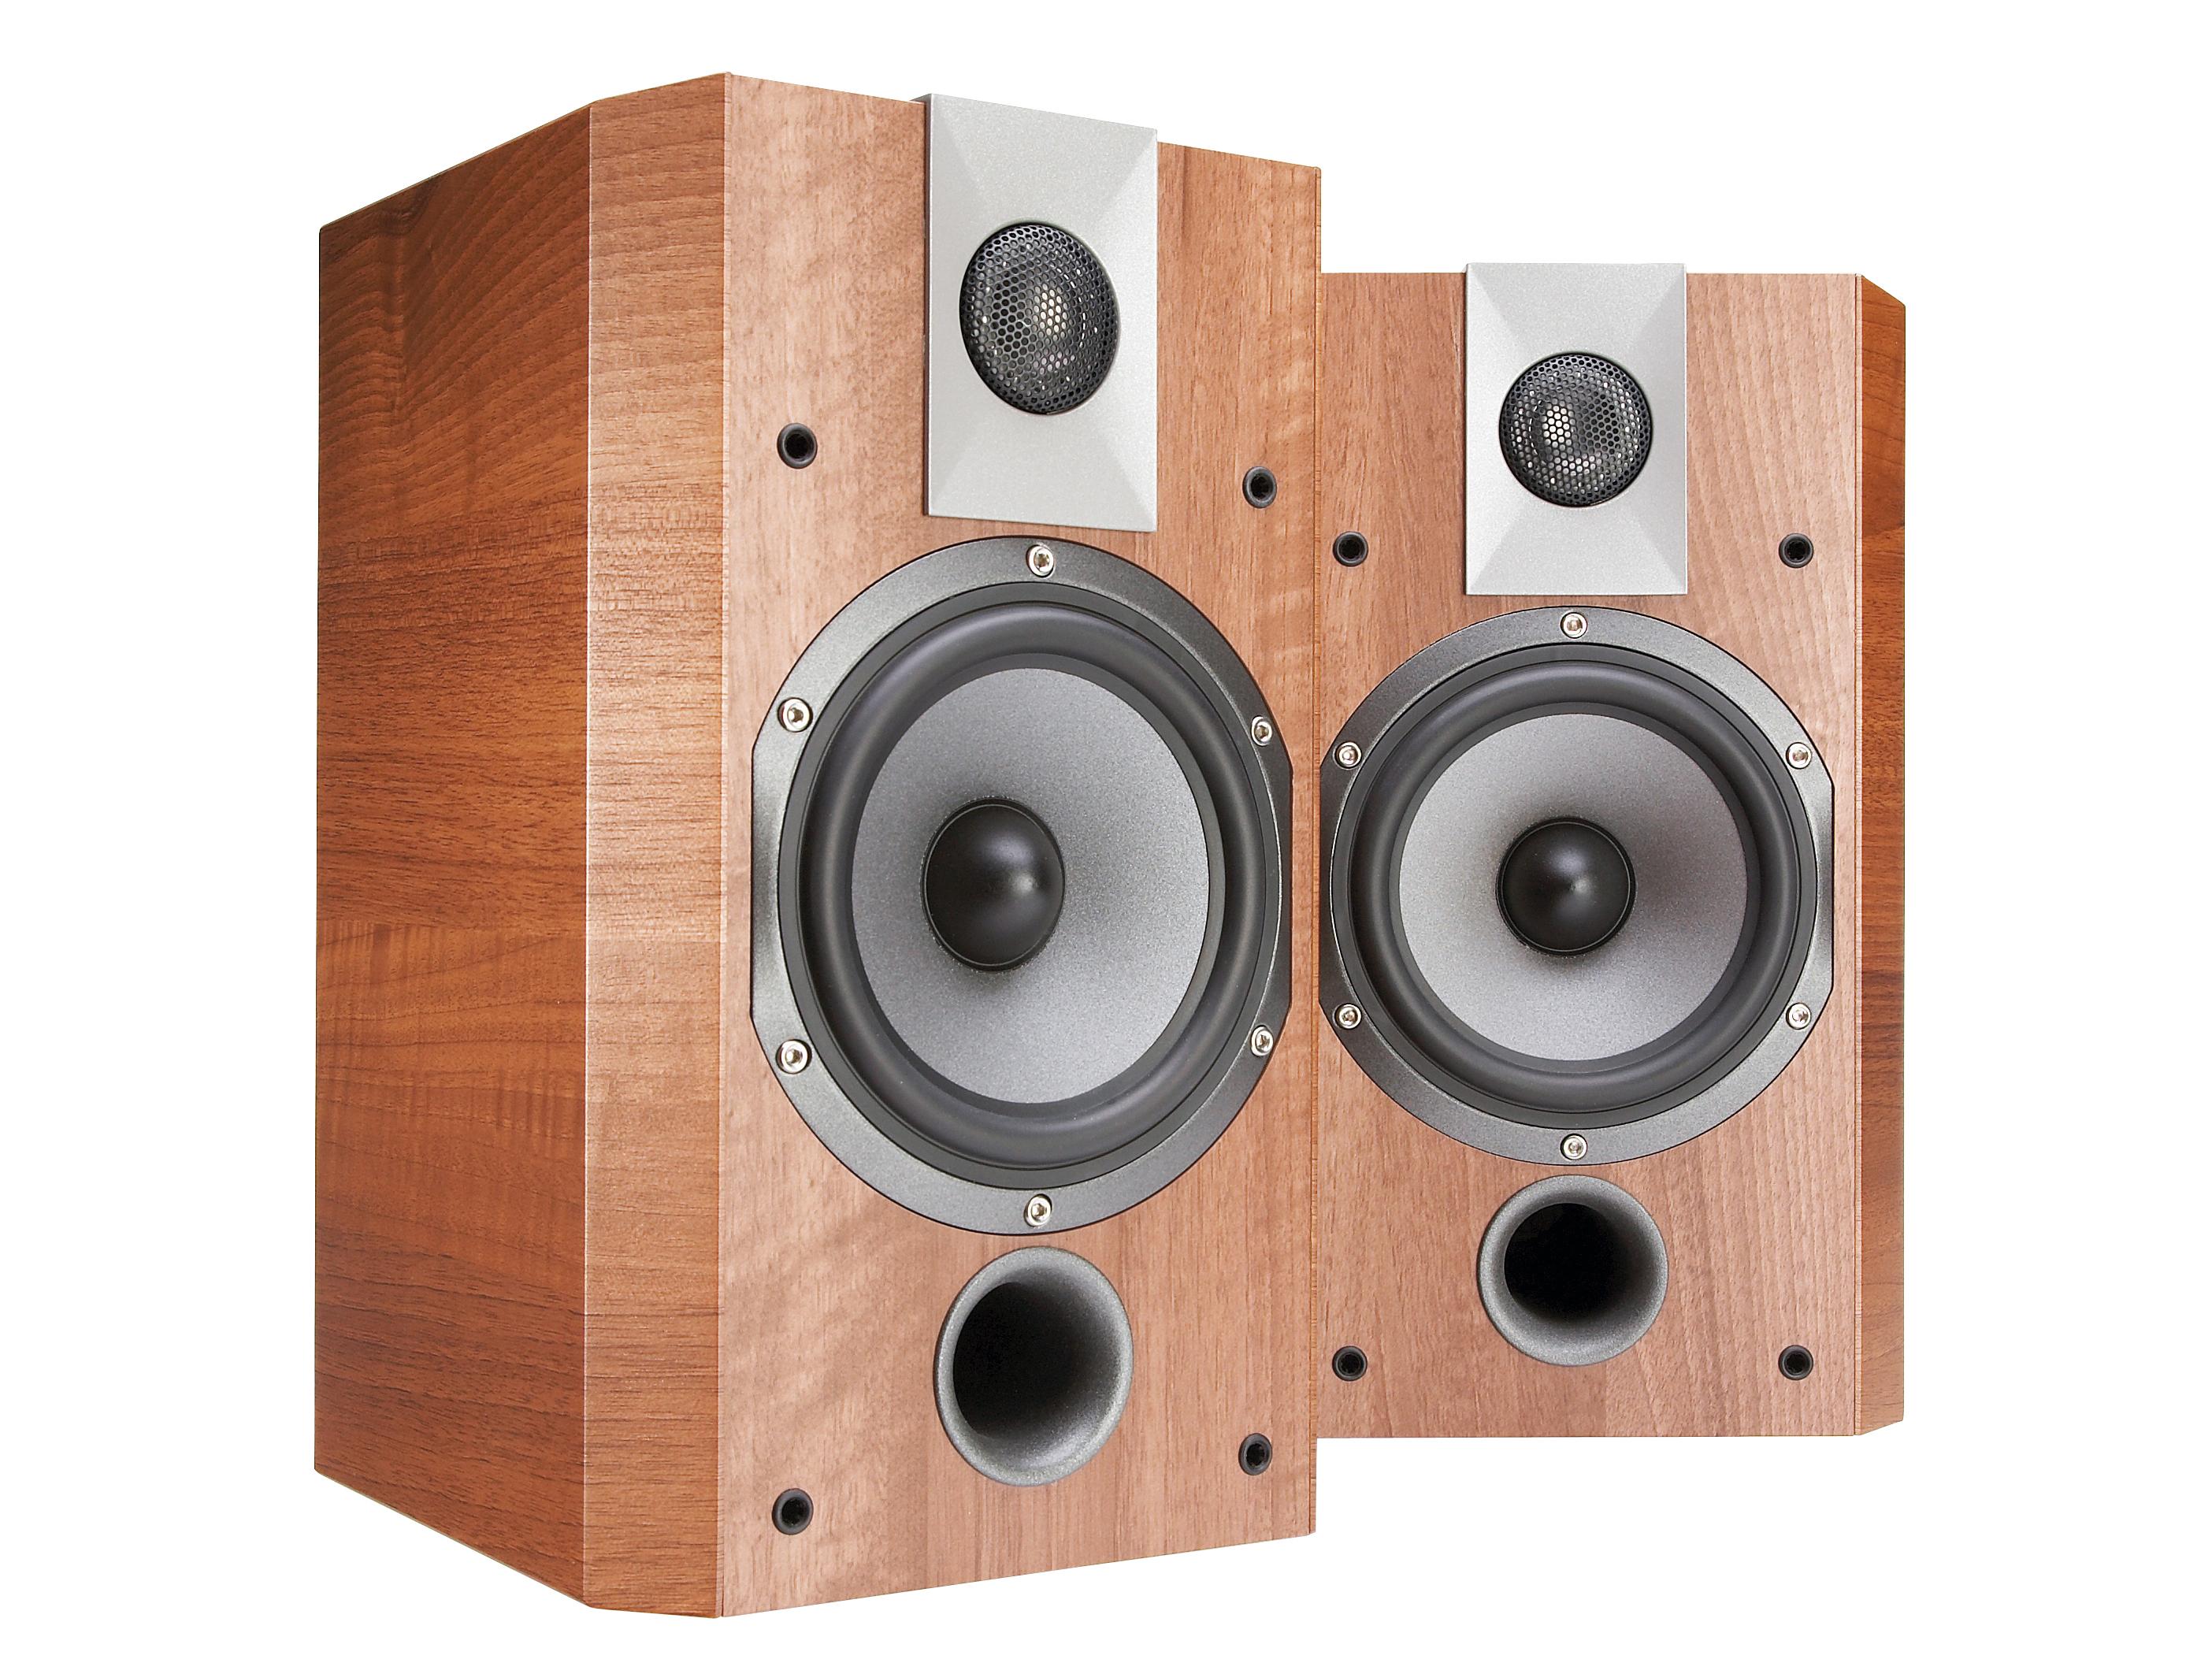 bookshelf x p angle sierra merlot churchtelemessagingsystem b monitor com reviews speakers